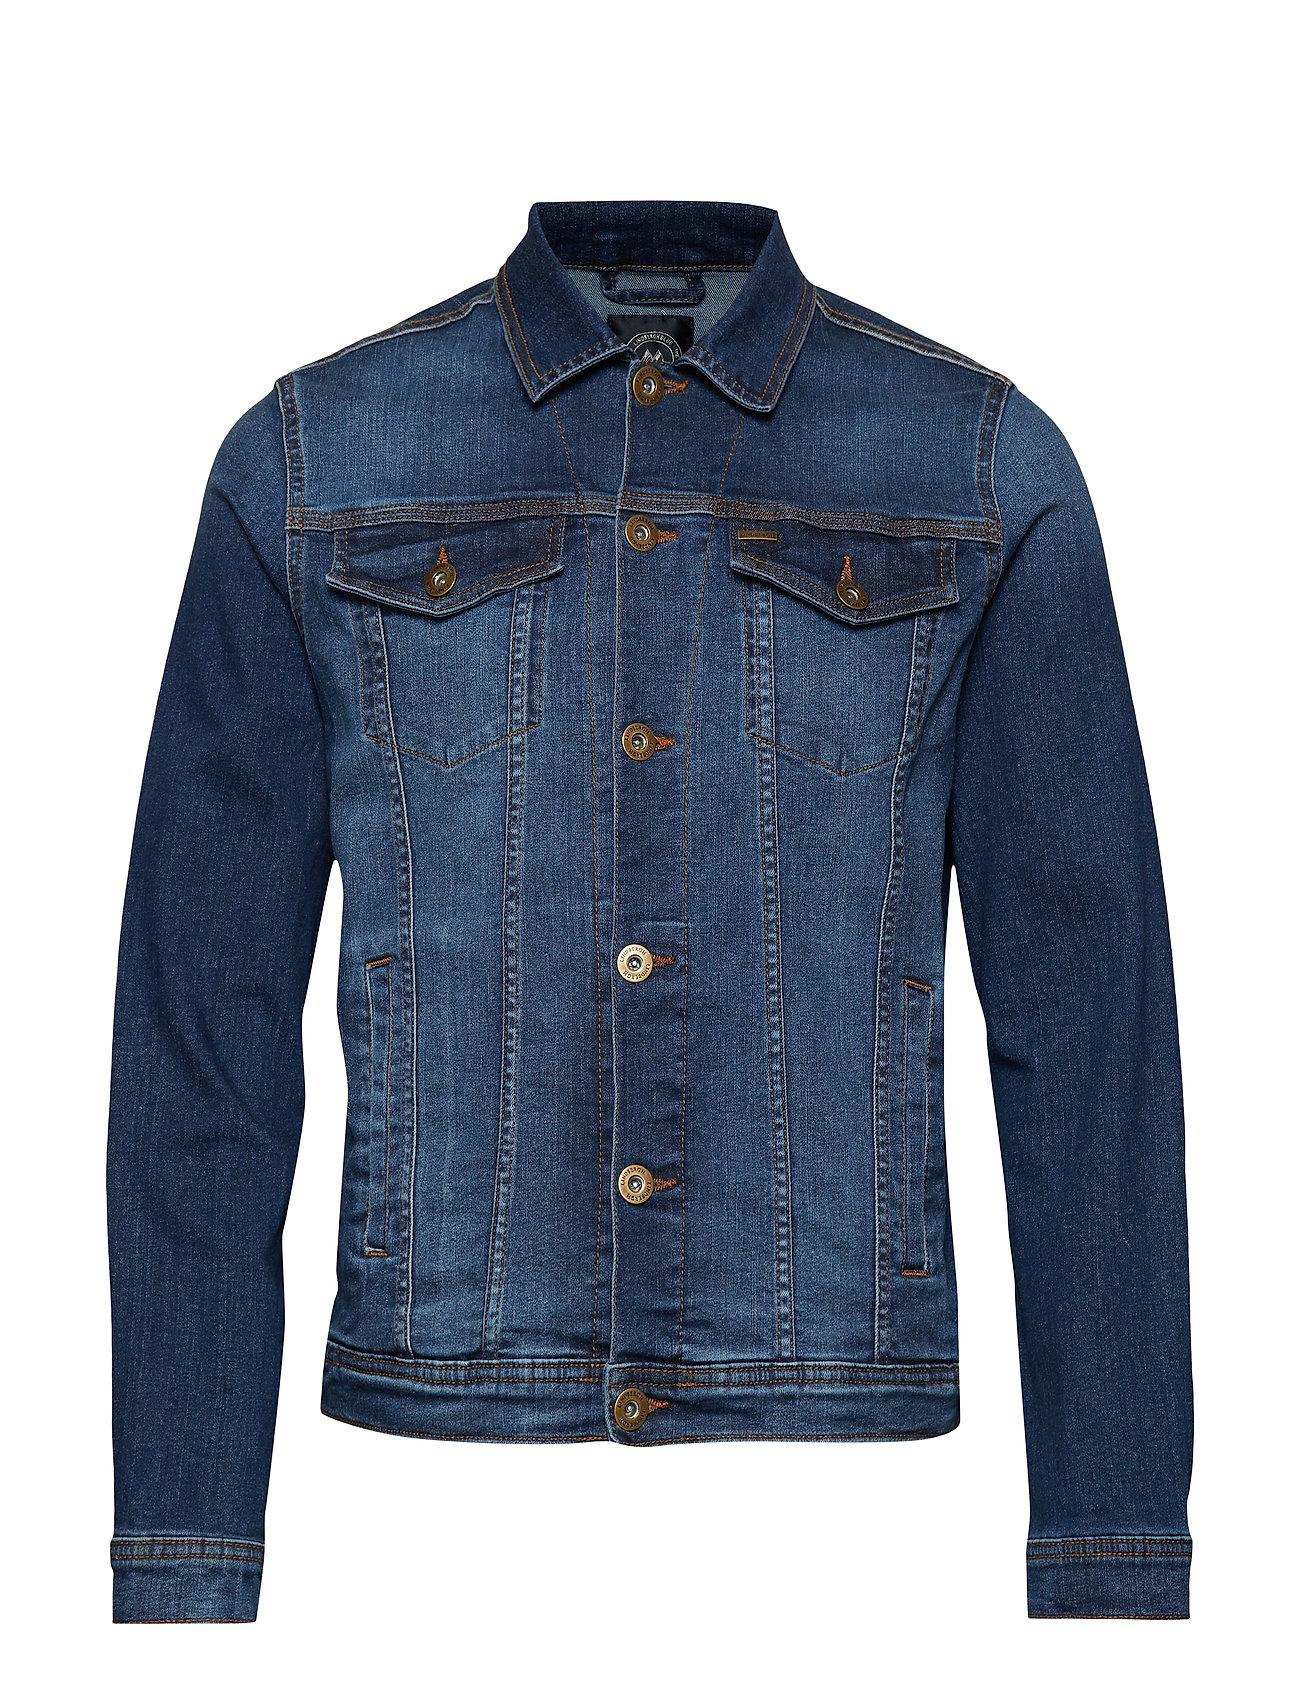 Lindbergh Denim jacket - INK BLUE